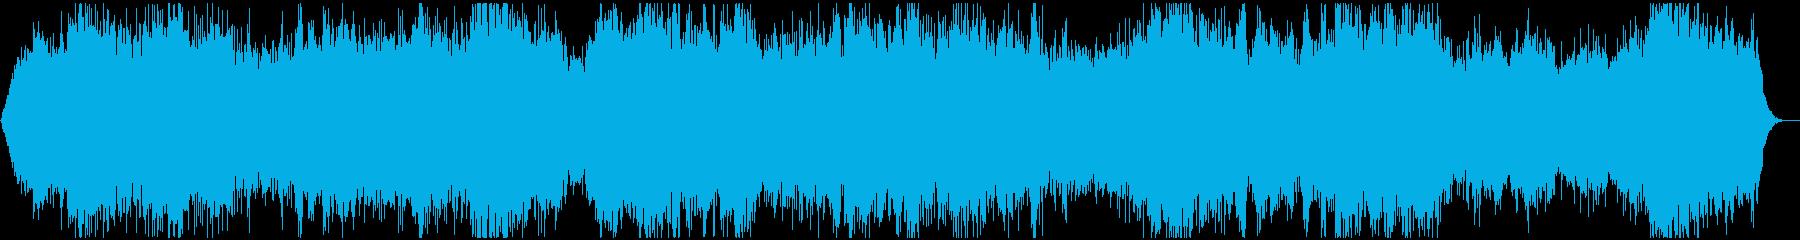 心霊映像の再現VTR用●アンビエント Aの再生済みの波形